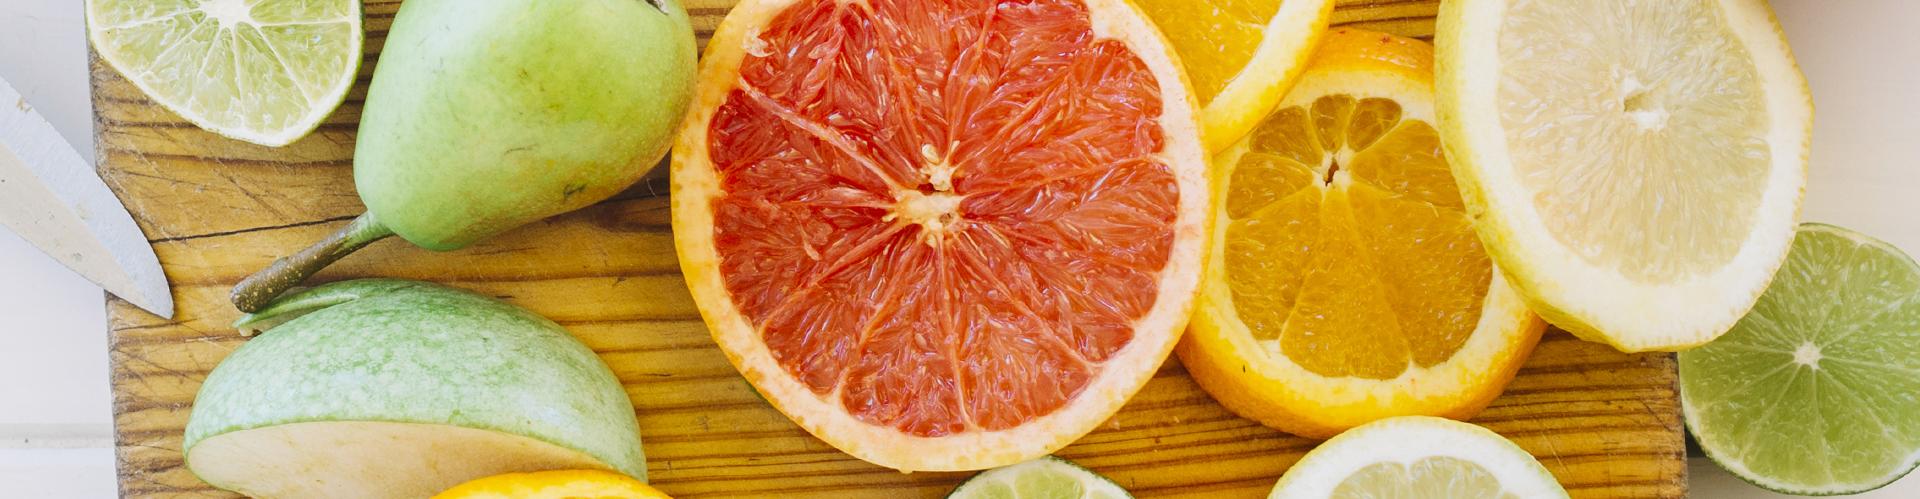 pompelmo rosa, pera e arancia rossa